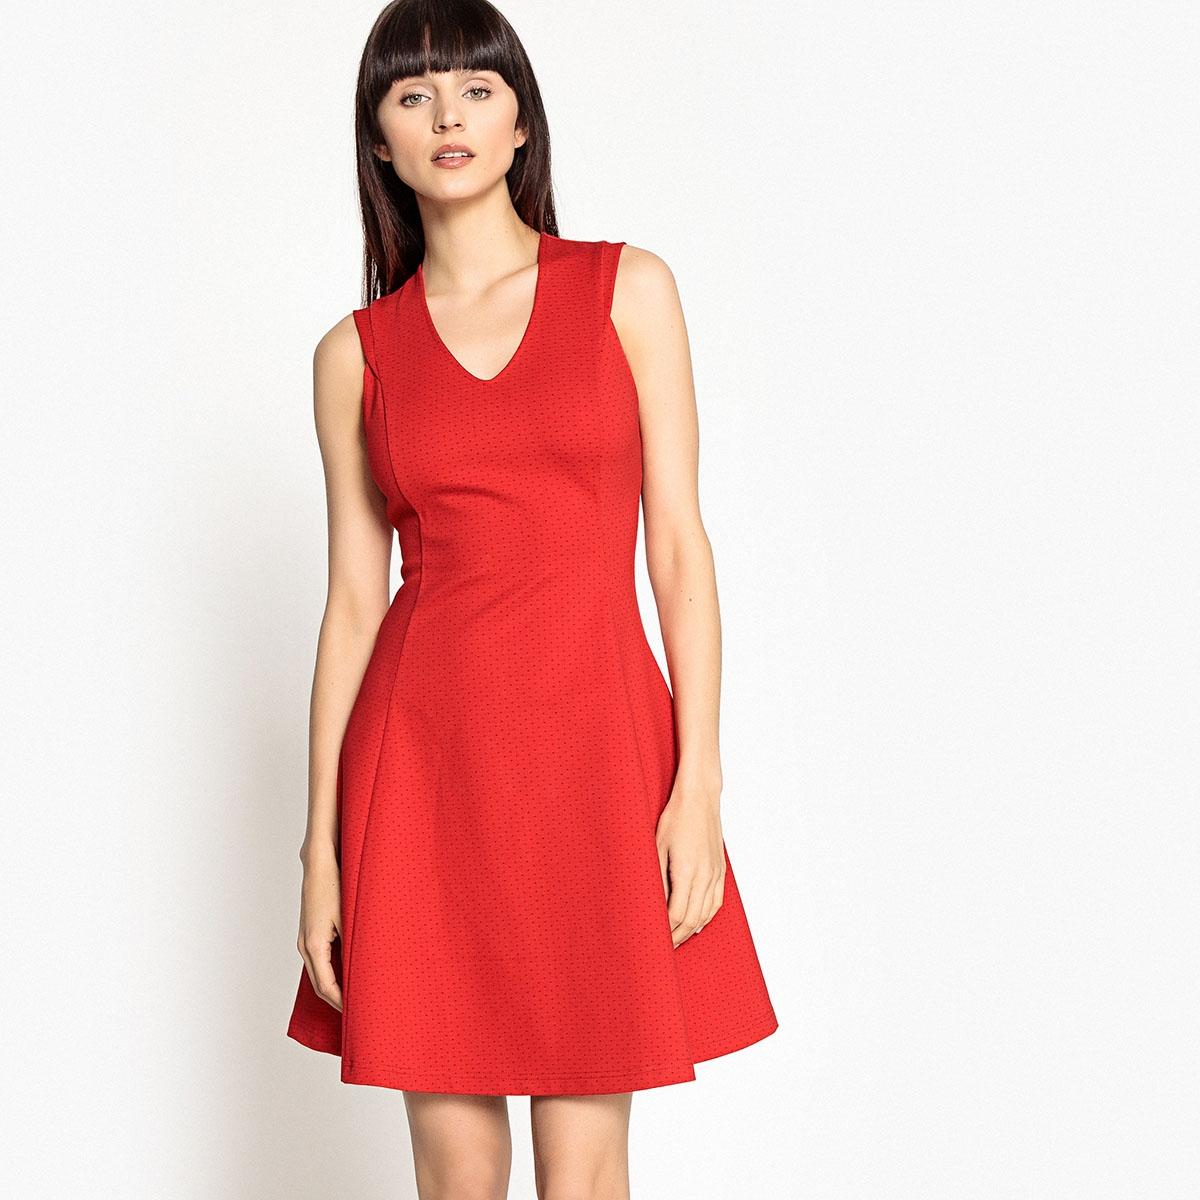 Фото - Платье расклешенное с V-образным вырезом без рукавов боди без рукавов с v образным вырезом